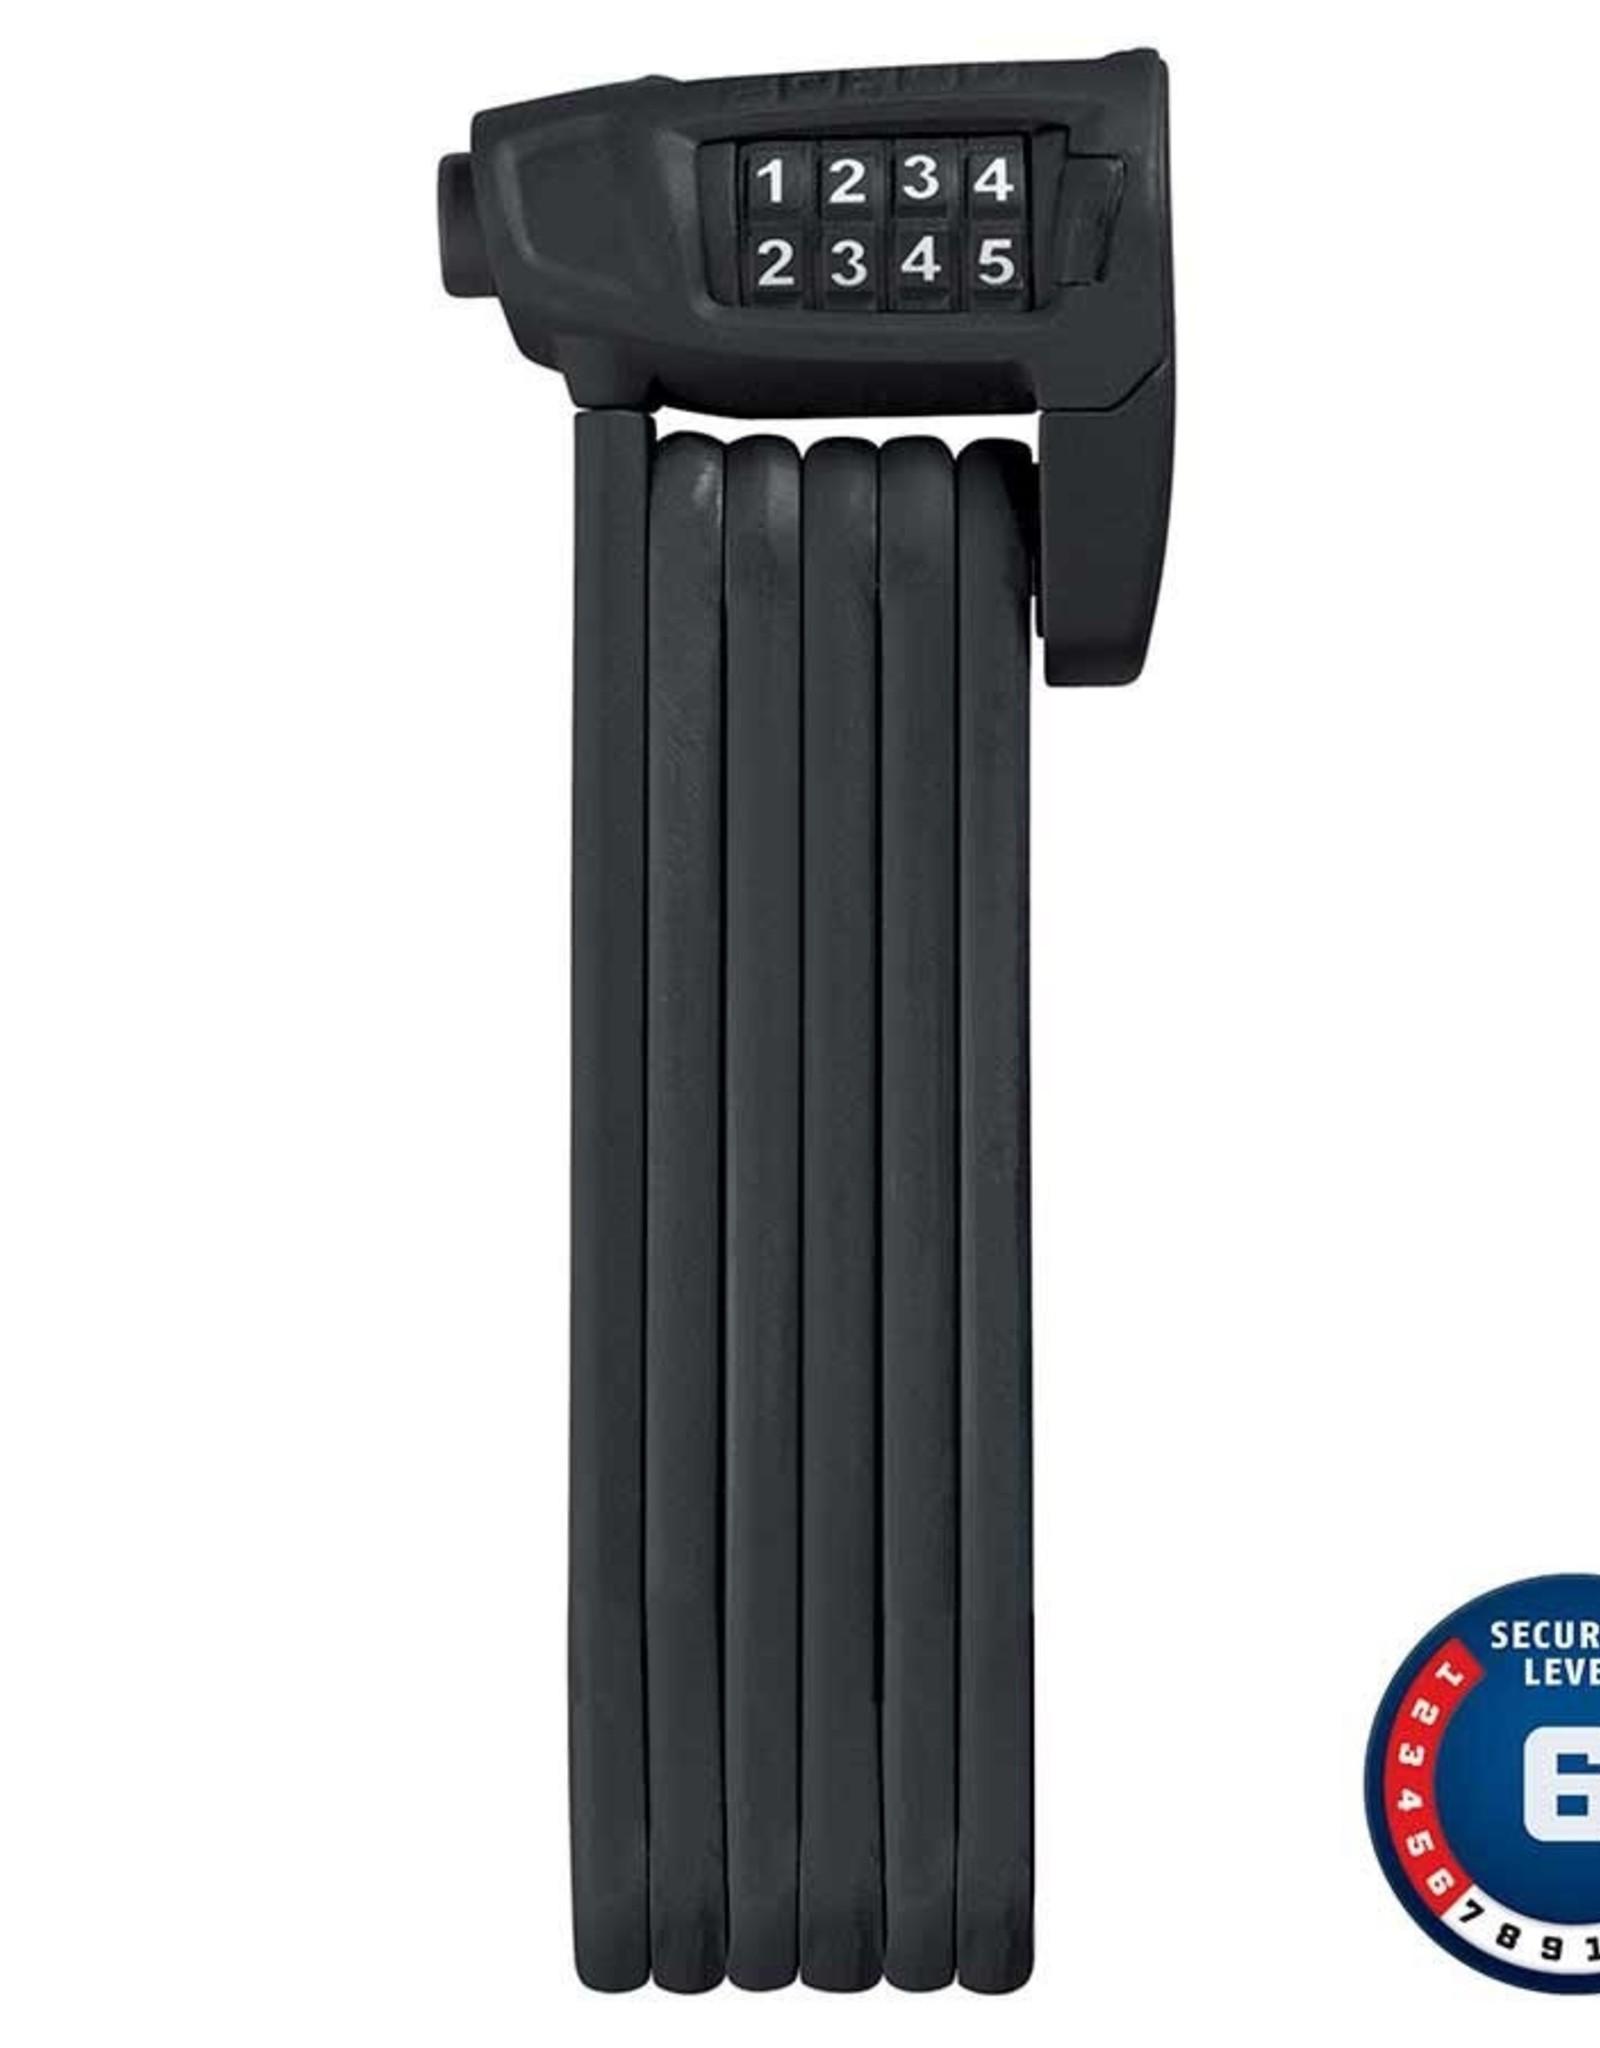 Abus Abus, Bordo Lite 6150, Cadenas pliable avec serrure à combinaison, 85cm (2.8'), Noir